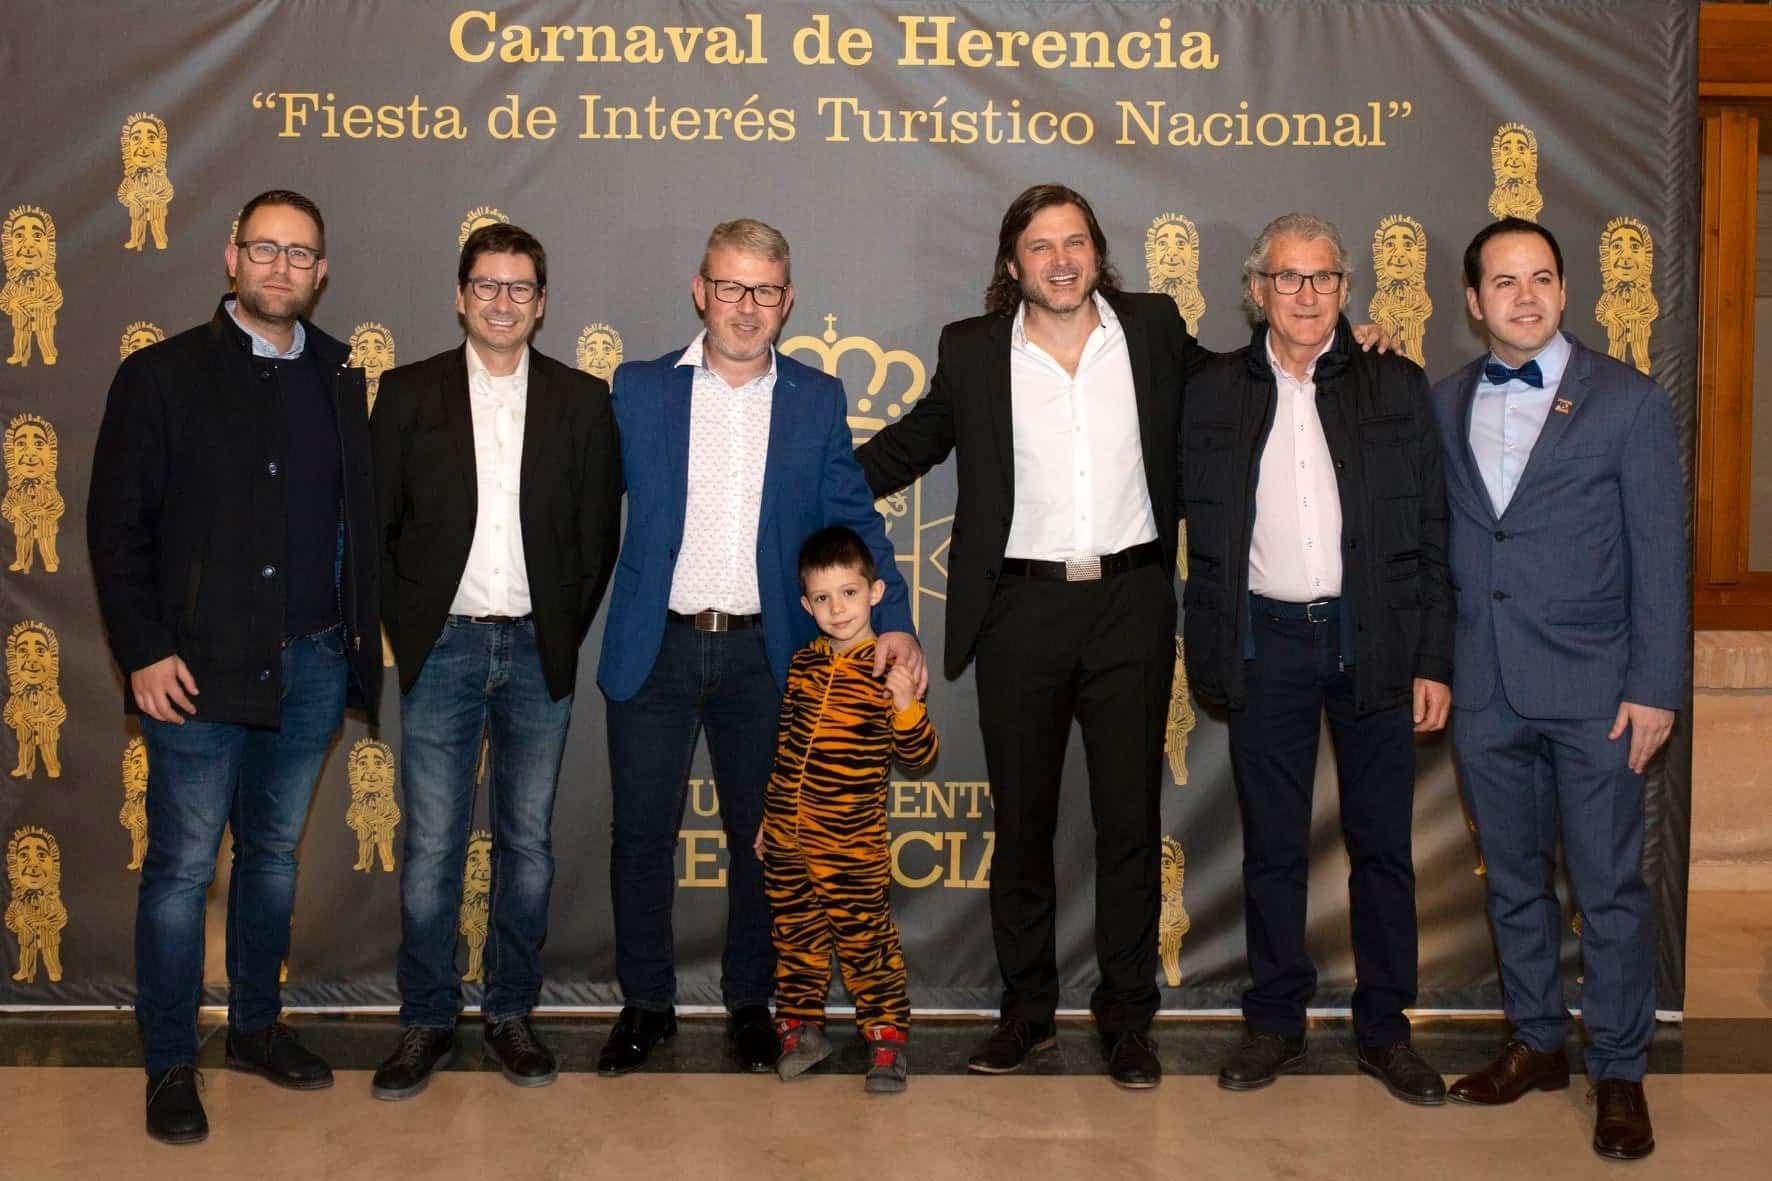 inauguracion carnaval 2020 herencia 34 - Inauguración del Carnaval de Herencia 2020